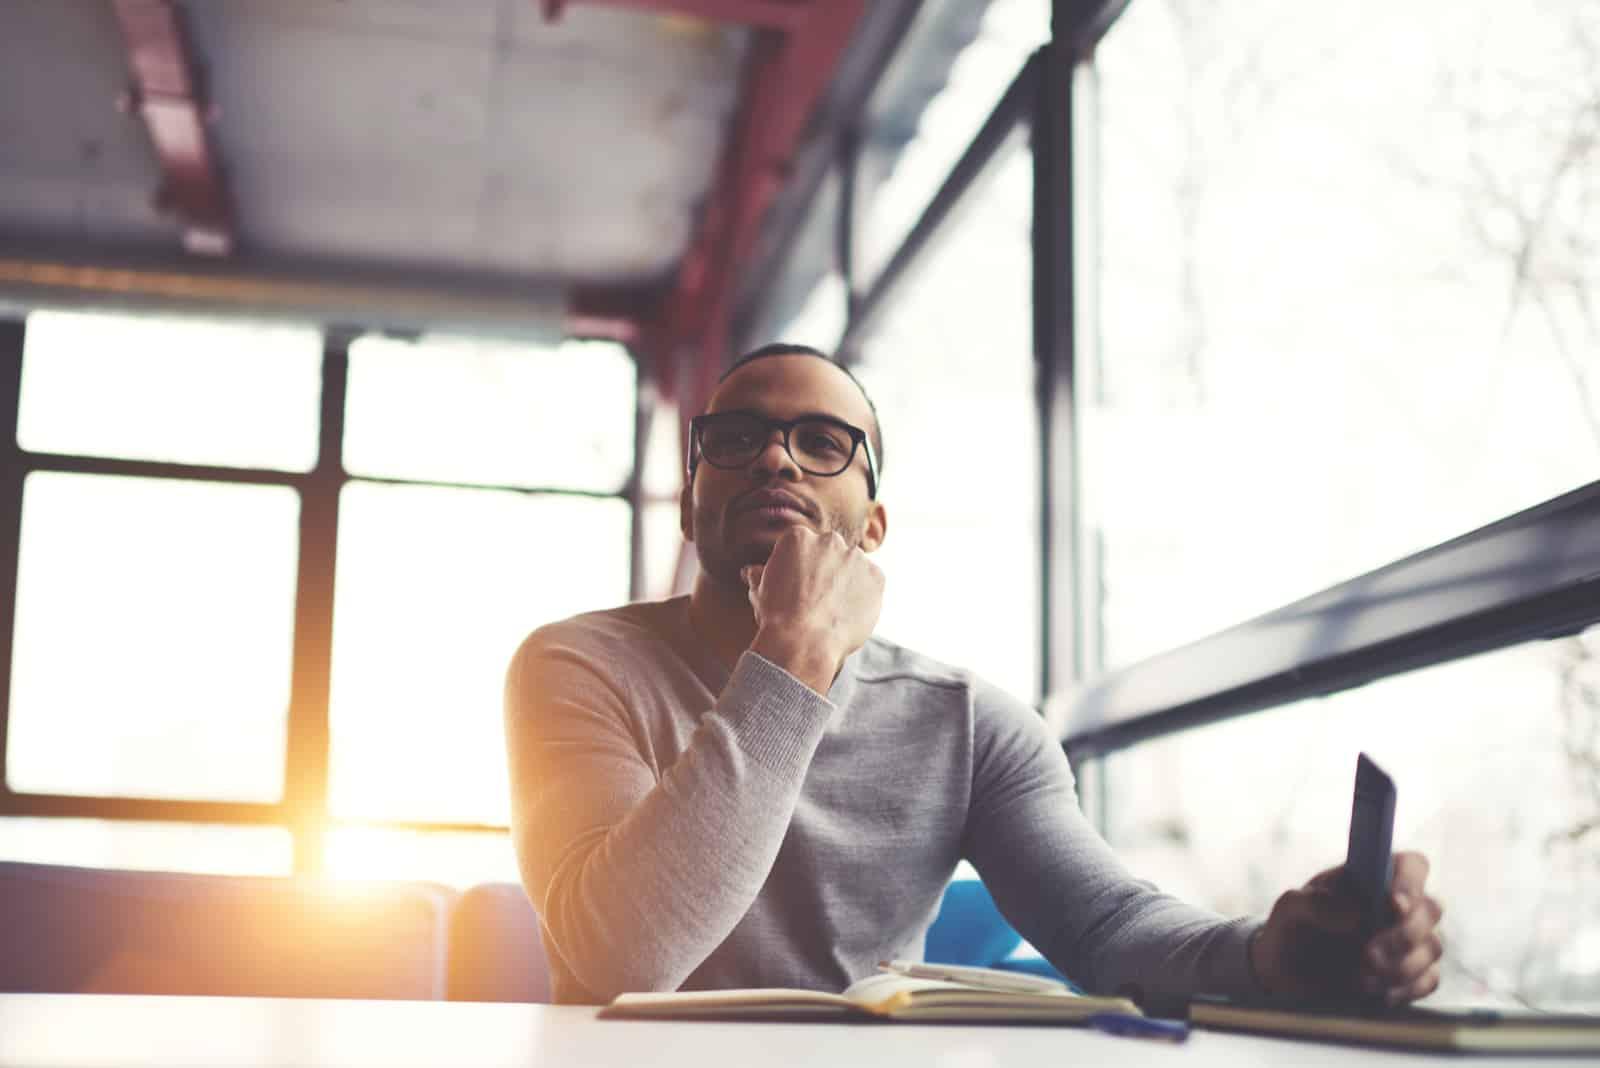 homme attentif assis au café avec ordinateur portable sur la table